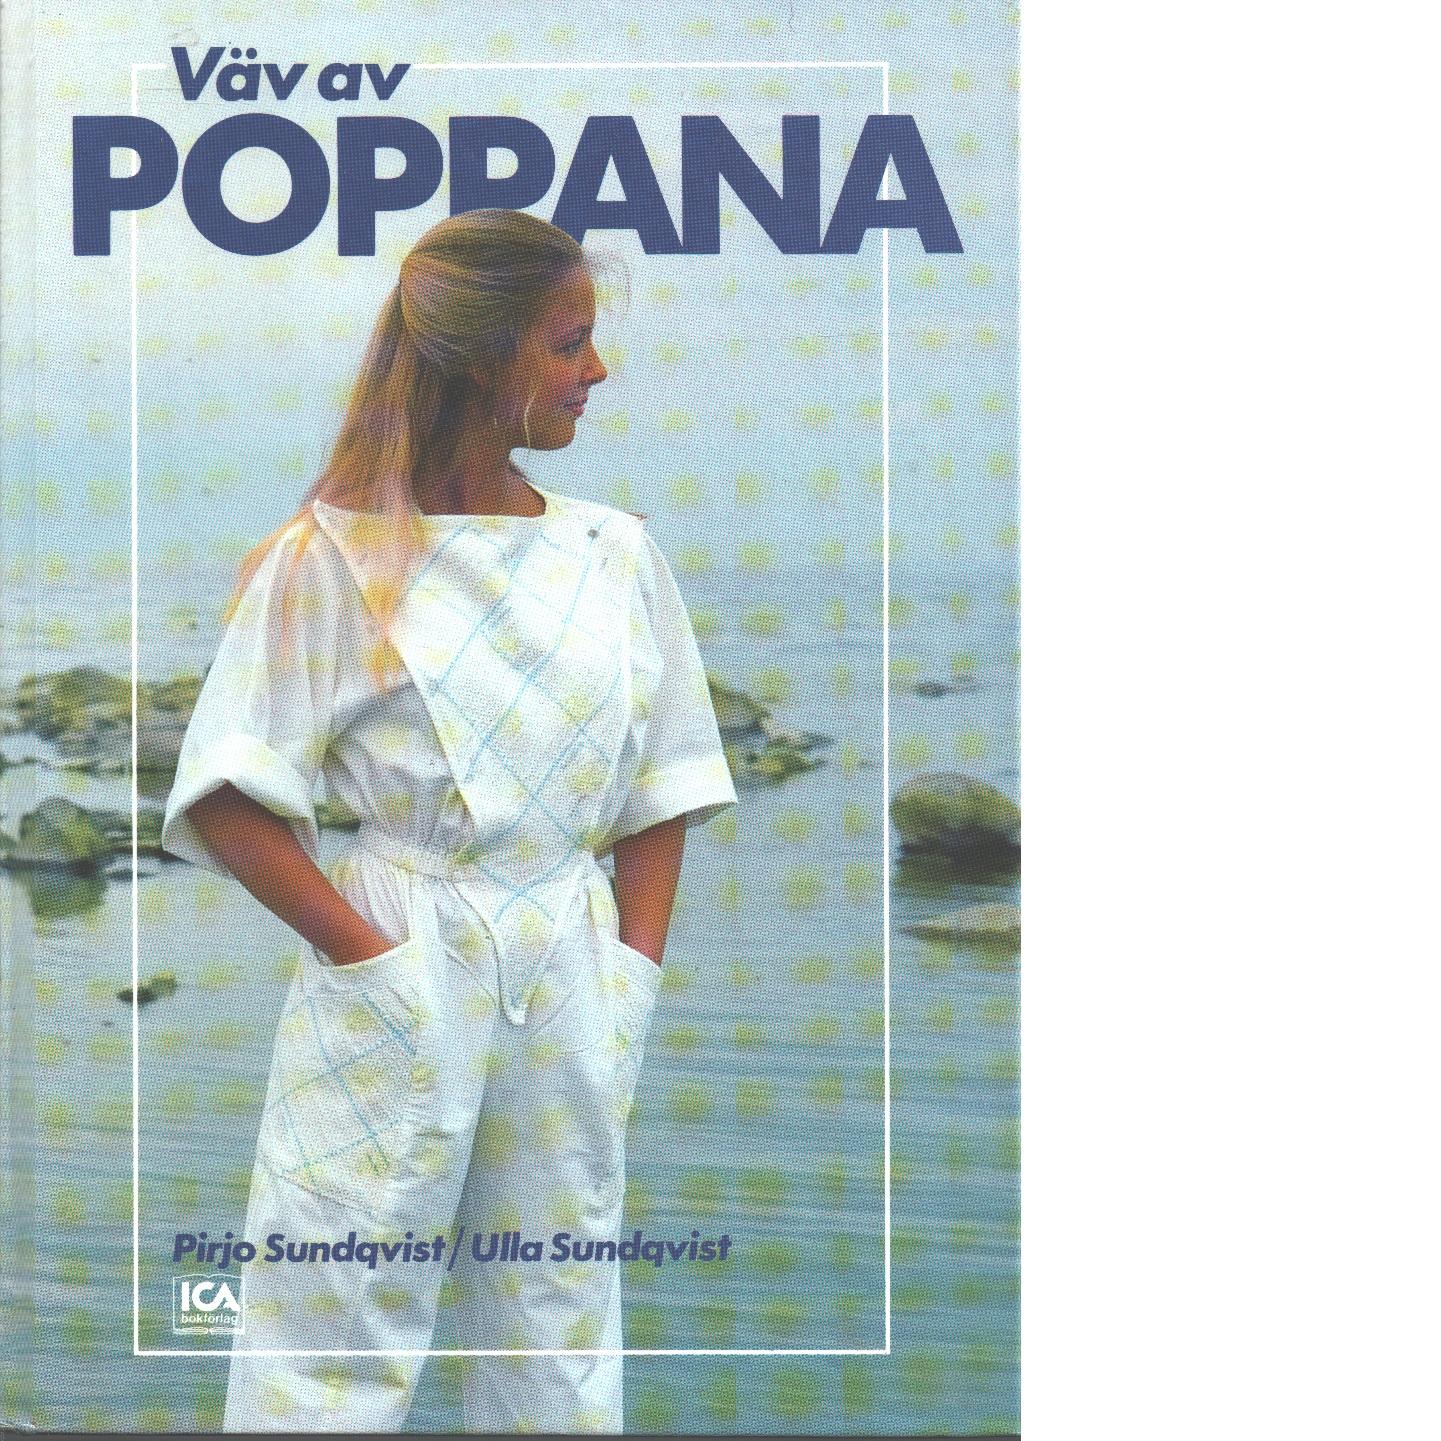 Väv av poppana - Sundqvist, Pirjo och Sundqvist, Ulla